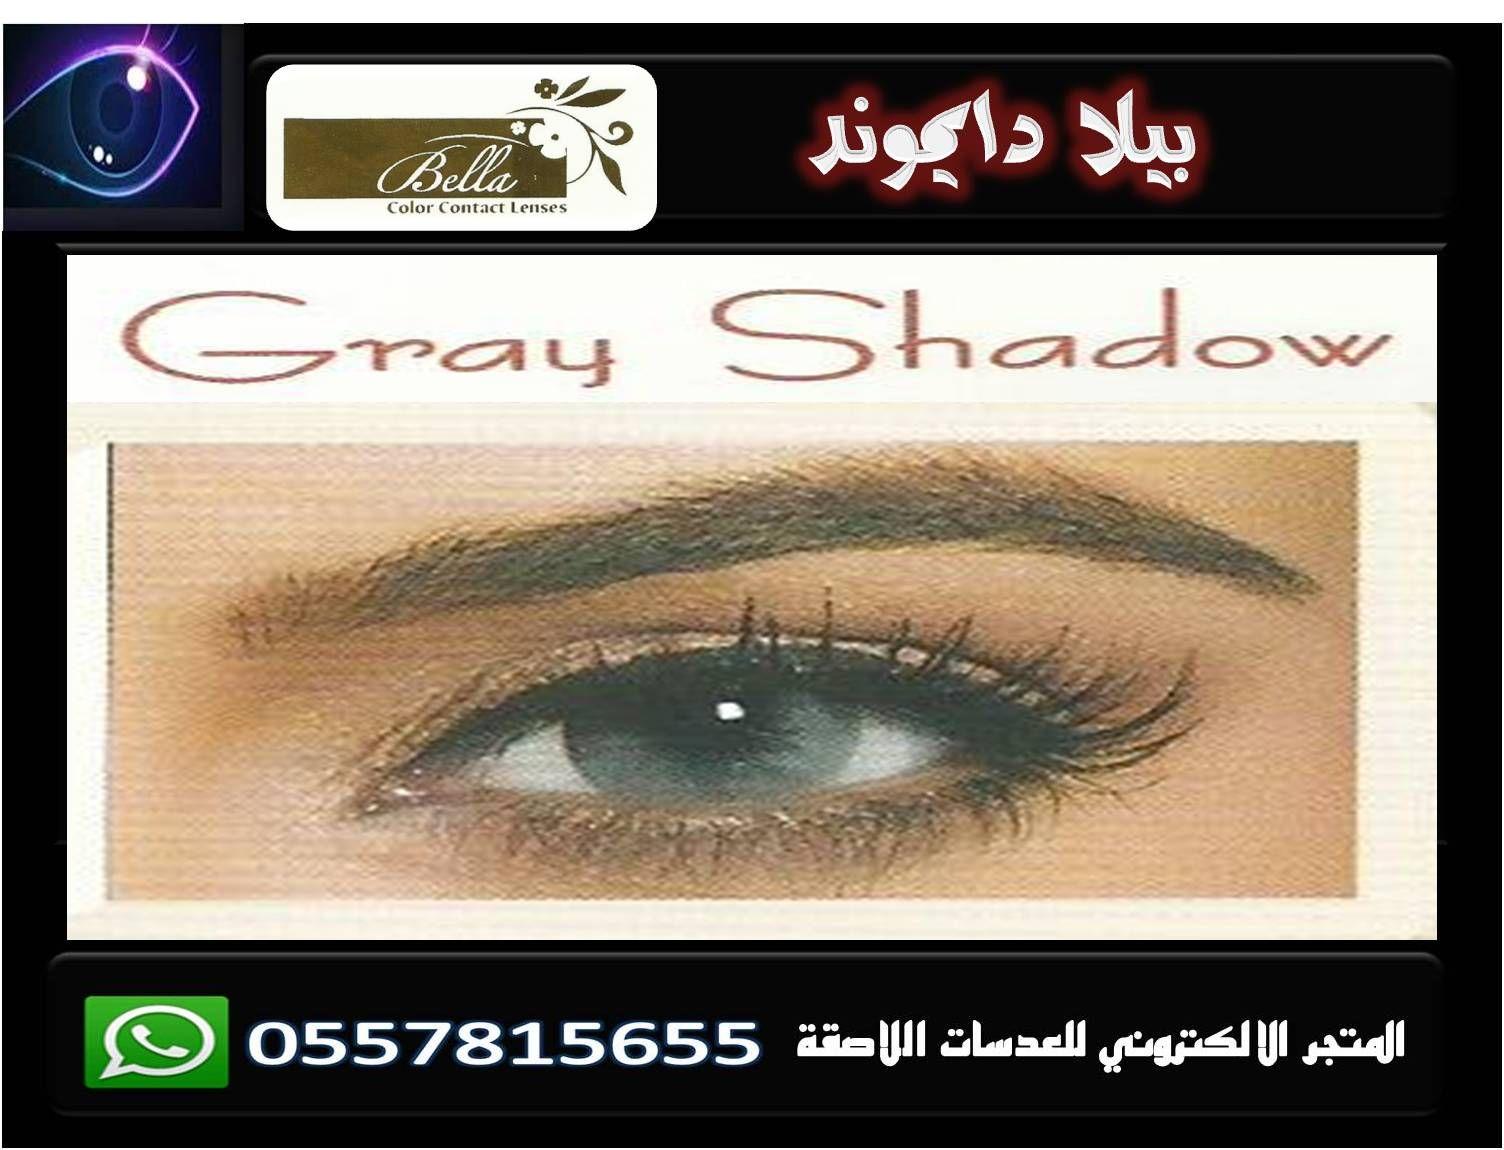 عدسات كيم كارديشان للطلب واتس 0557815655 Contact Lenses Colored Colored Contacts Contact Lenses